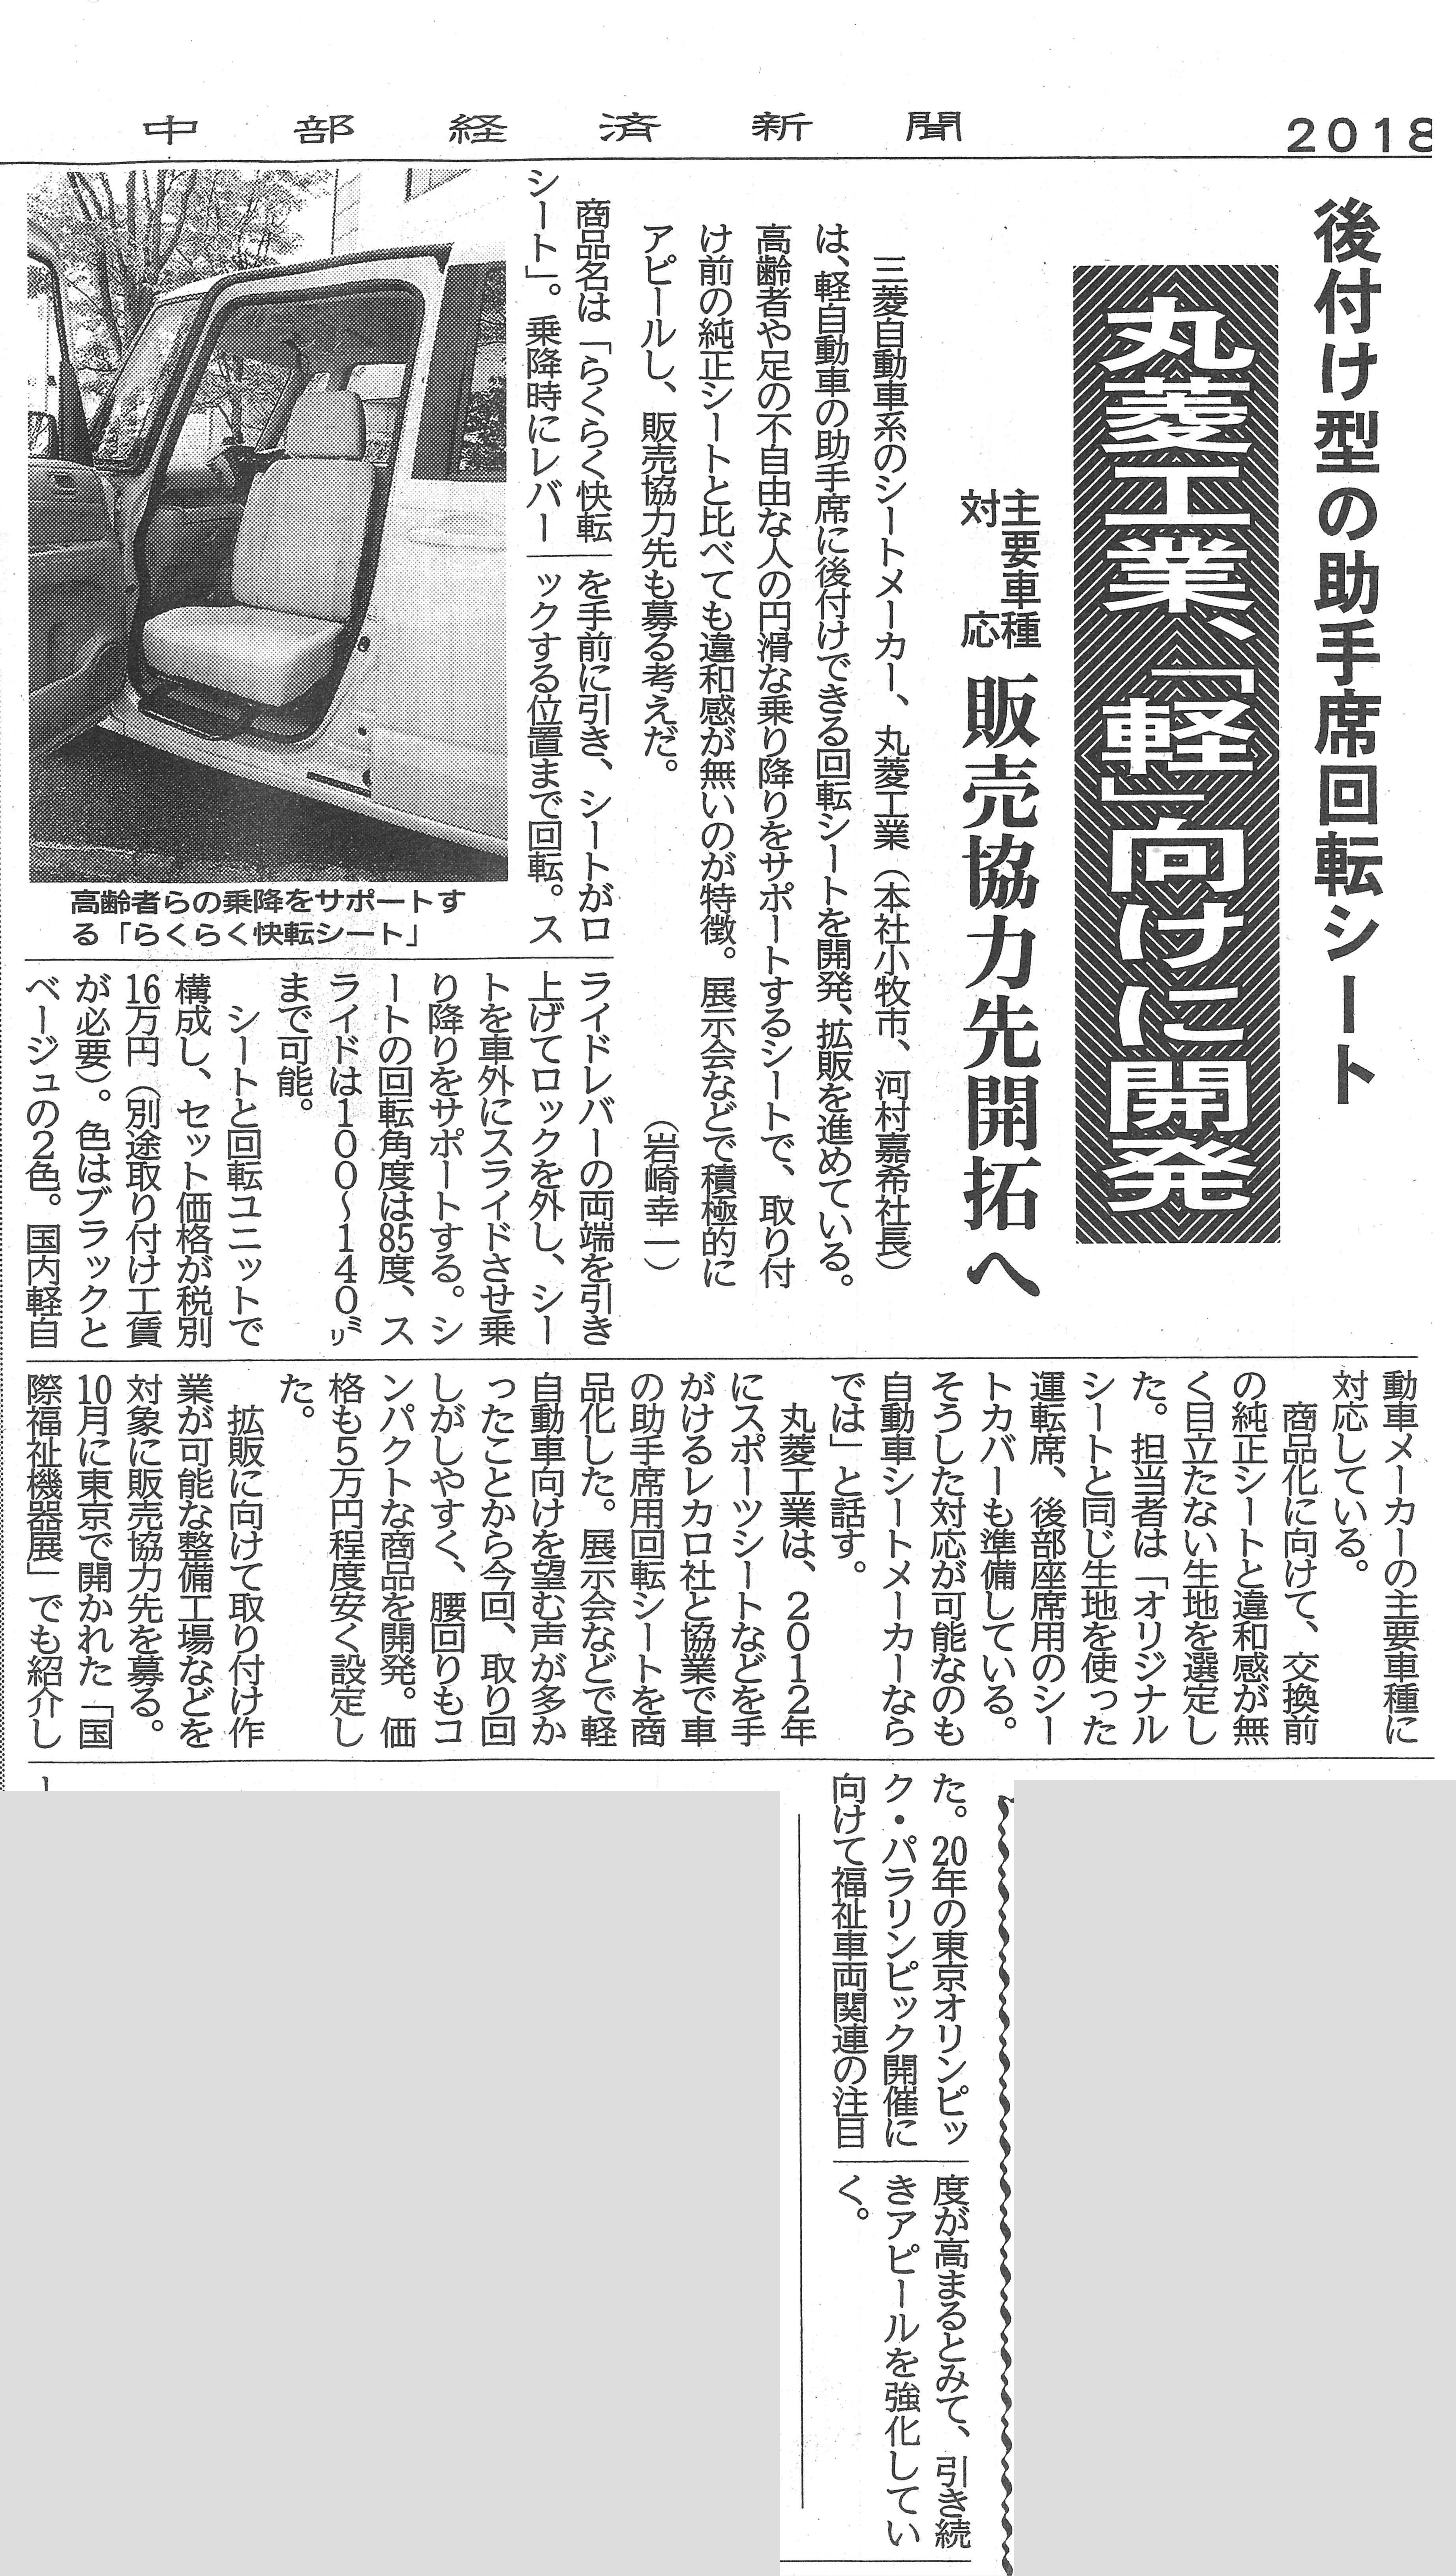 中部経済新聞2018.11.5掲載